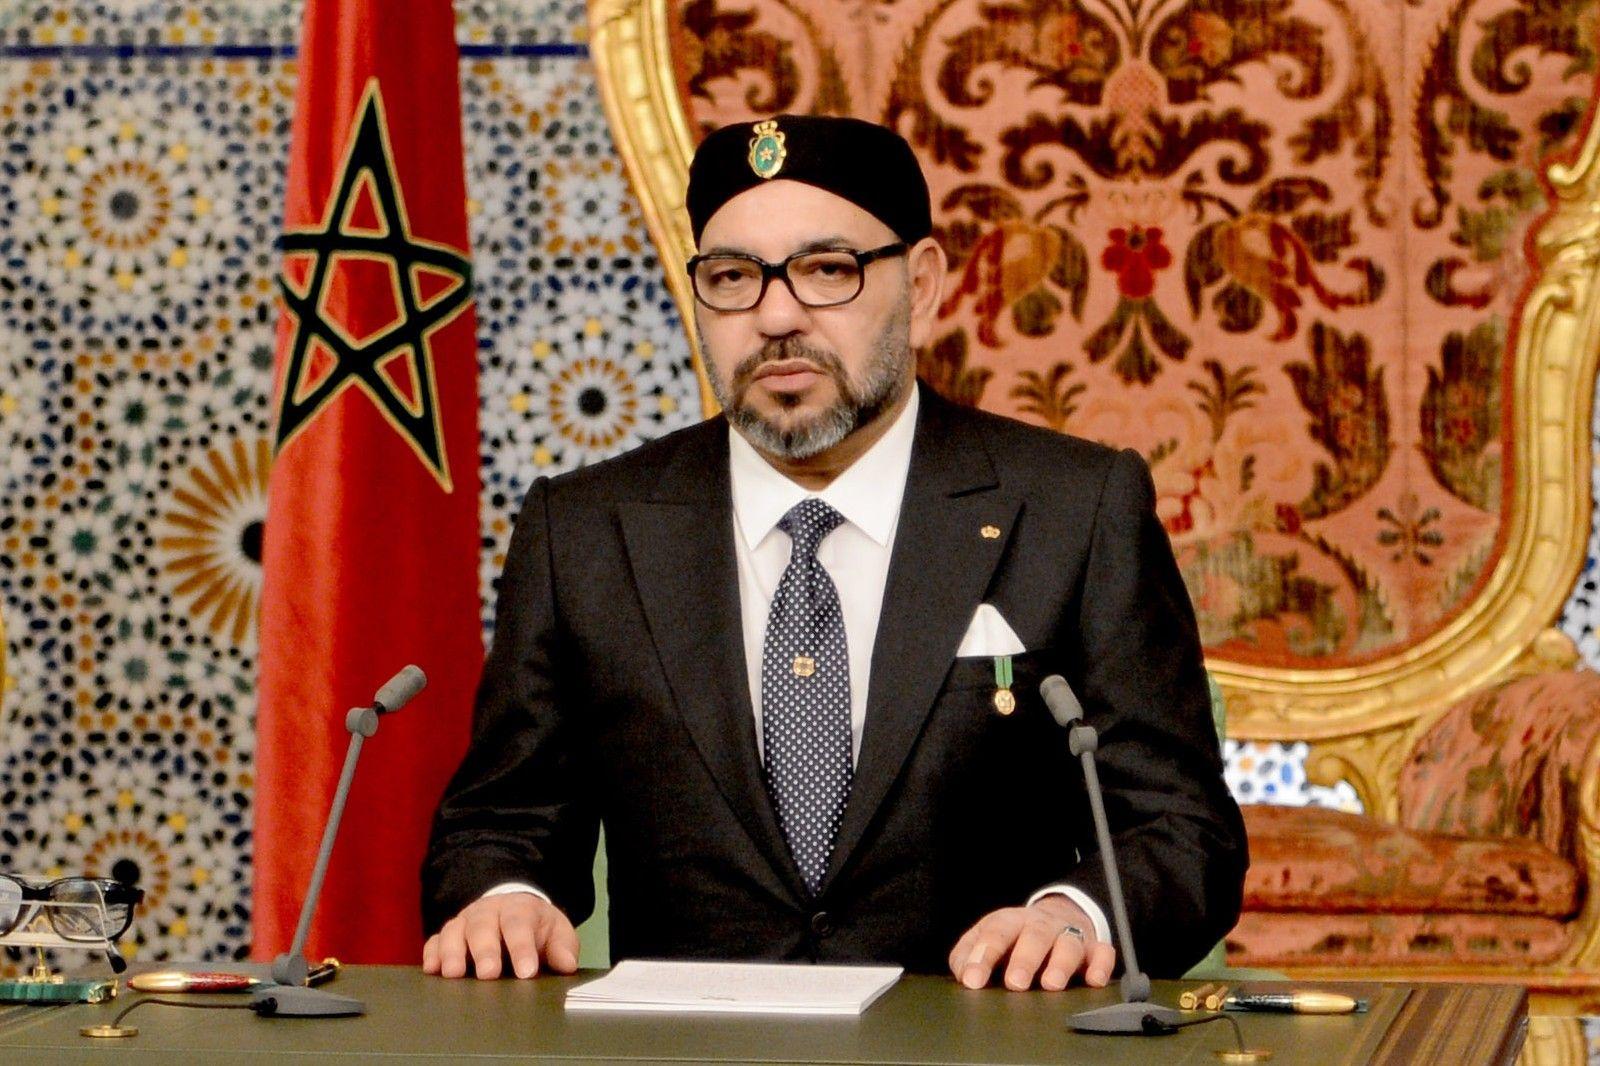 النص الكامل للخطاب الملكي السامي بمناسبة الذكرى السادسة والستين لثورة الملك والشعب